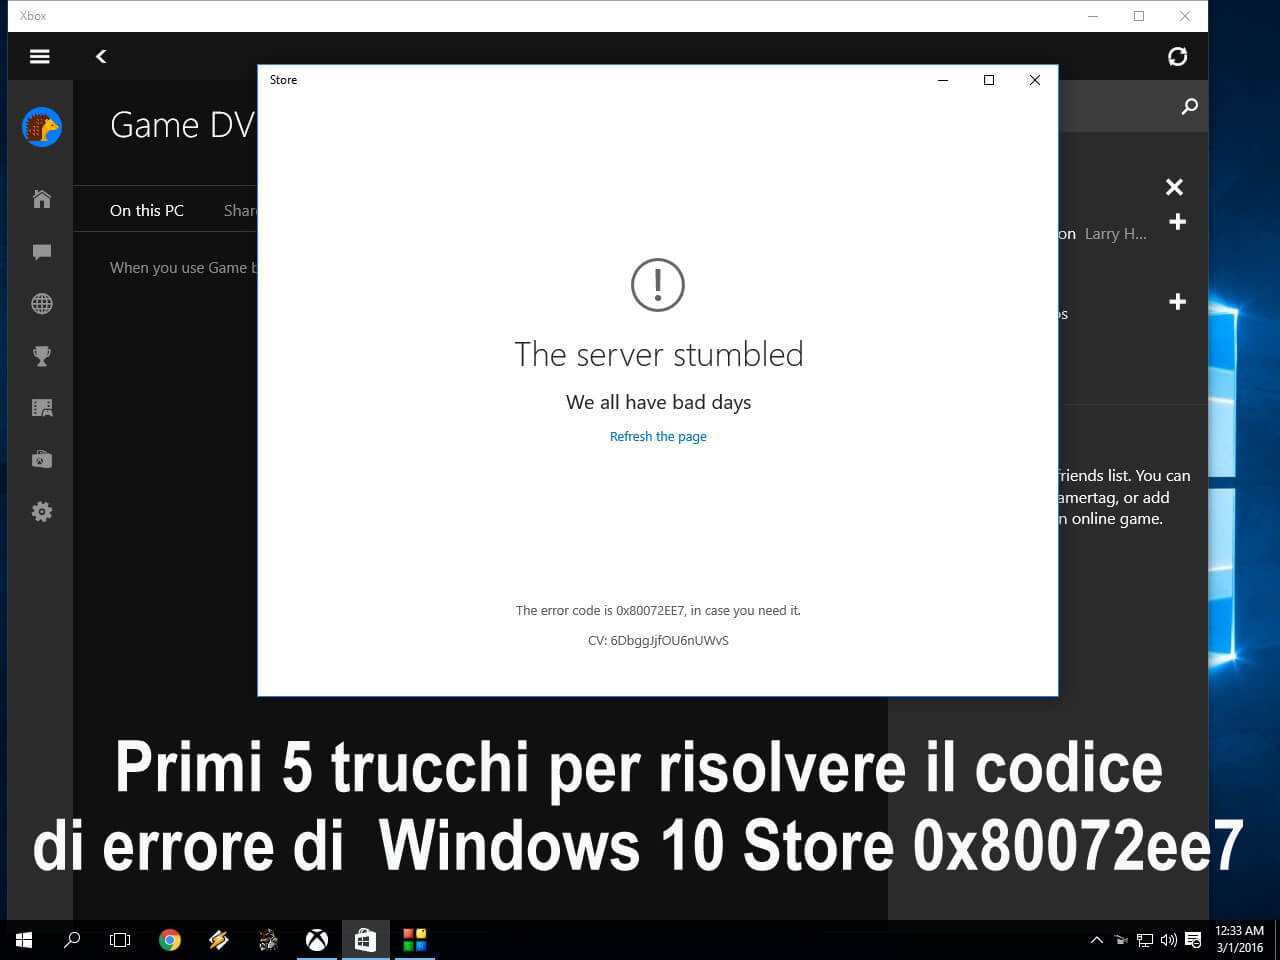 Store error code 0x80072ee7